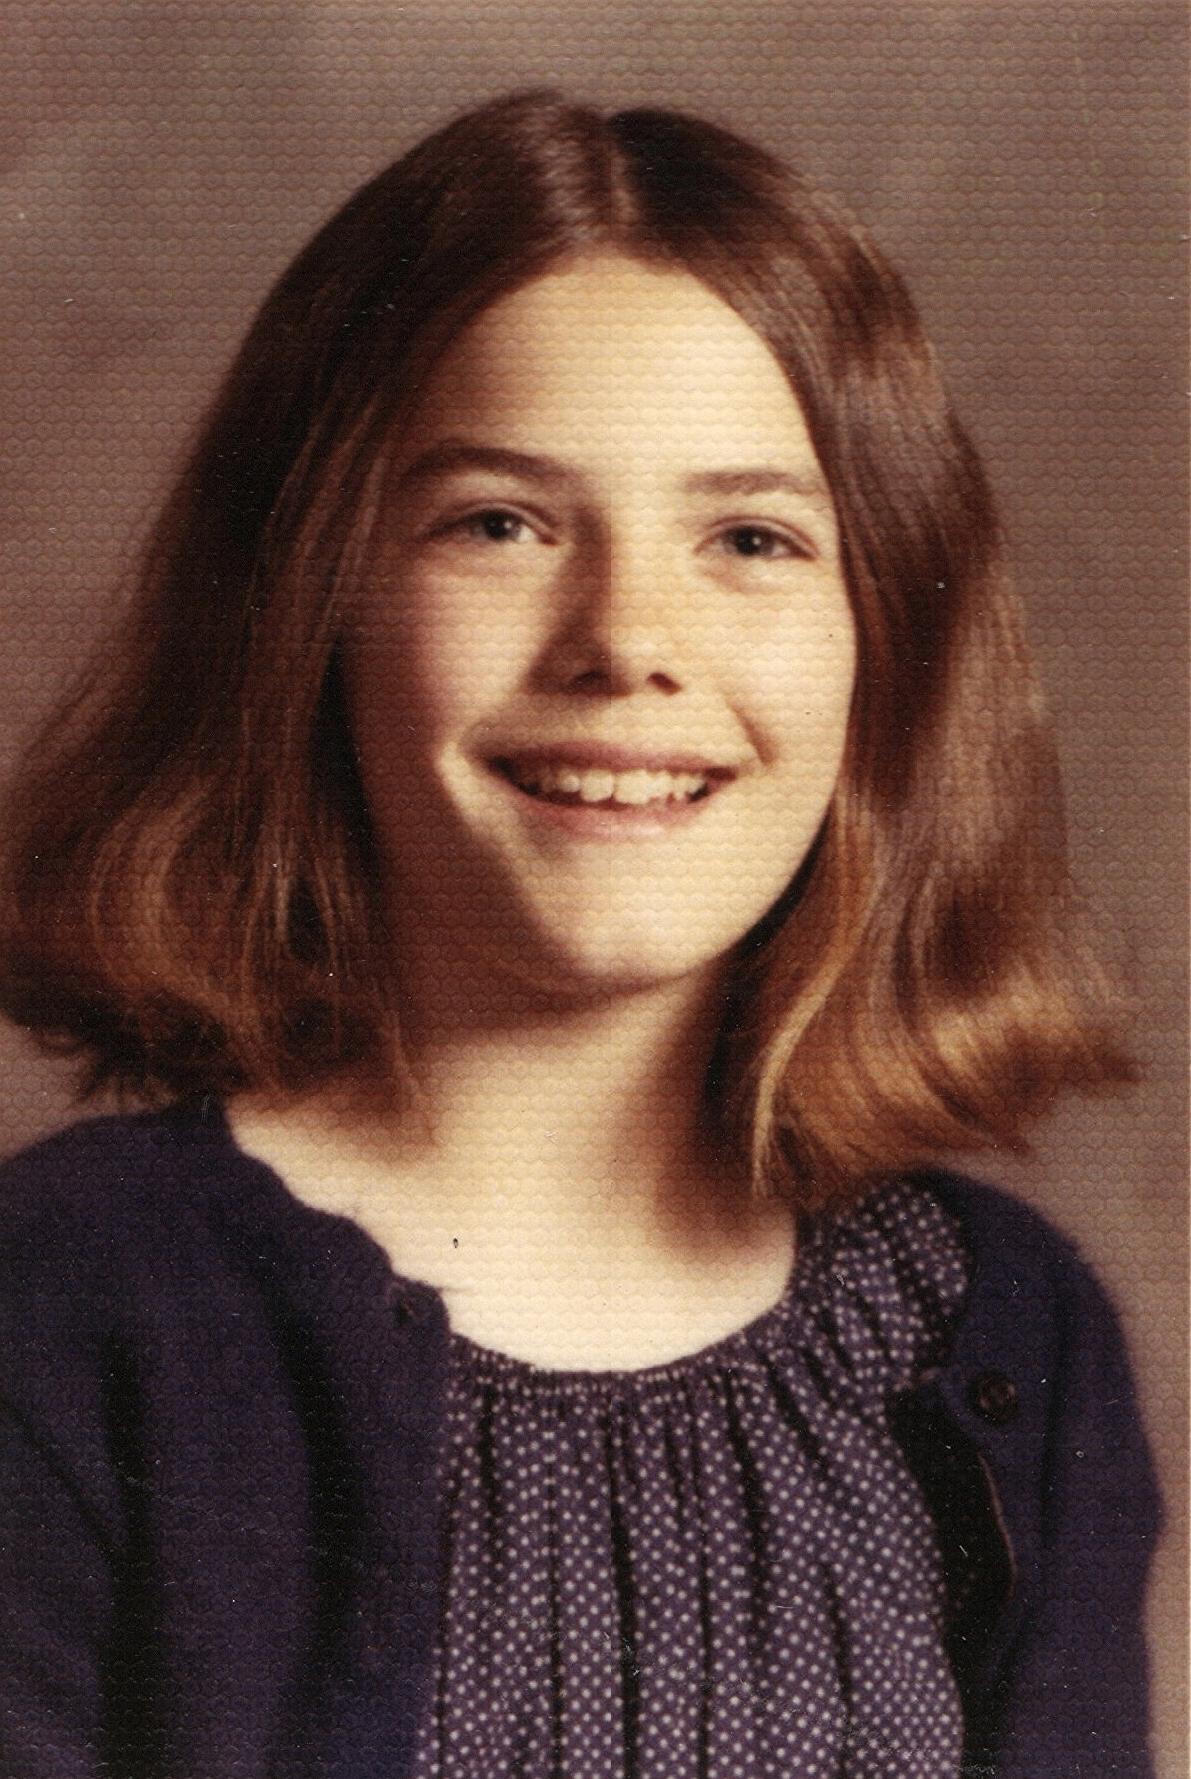 Suzanne - Kathleen Quinlan 2.jpg